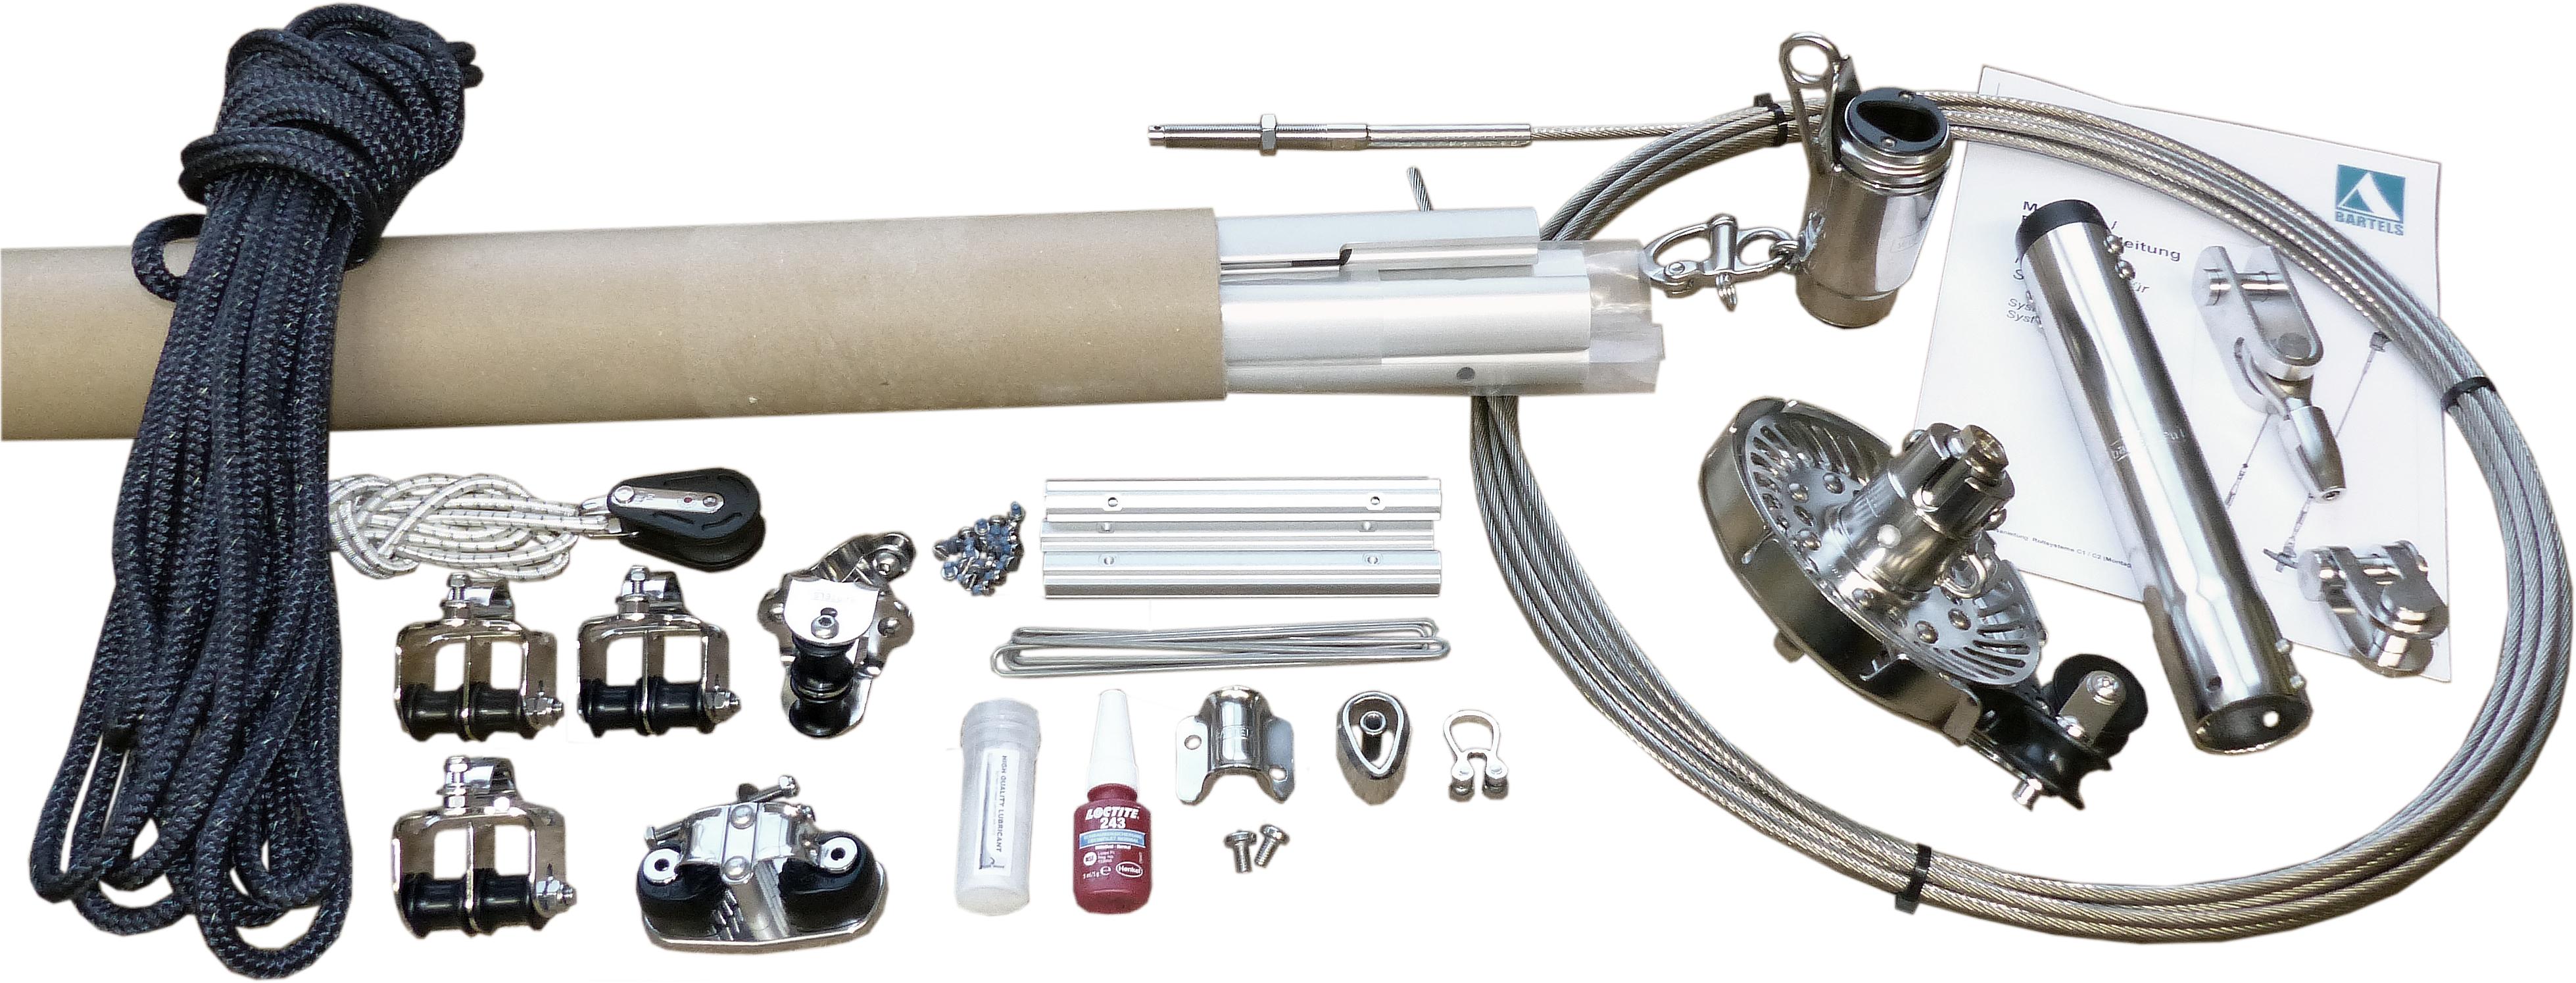 Bartels Rollanlage Rollreffsystem mit Profilvorstag